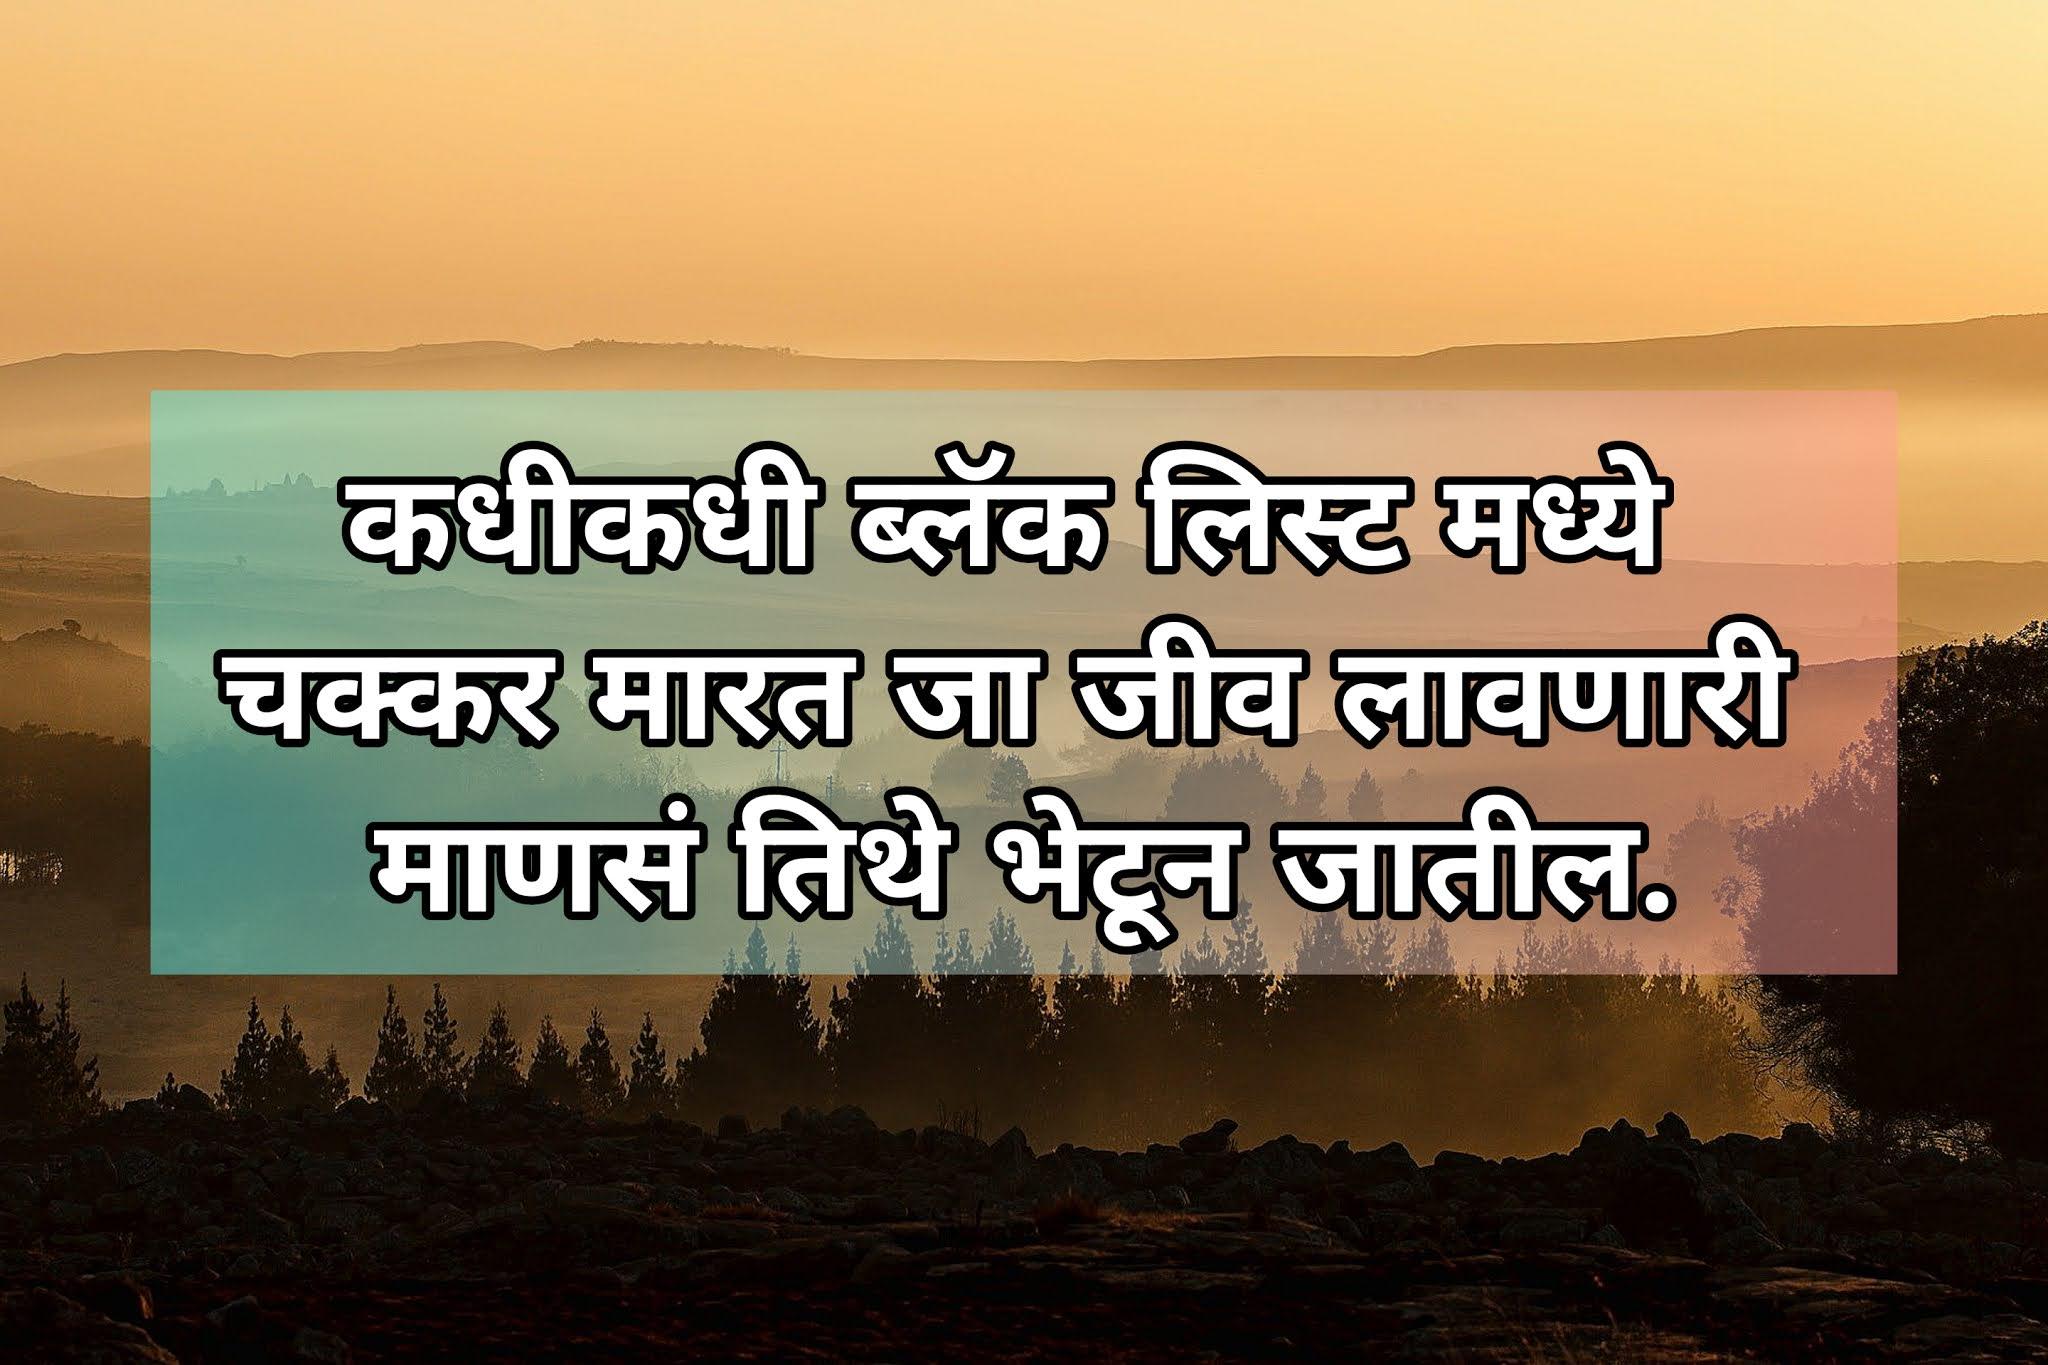 Sad Shayari in Marathi | Emotional Shayari Marathi